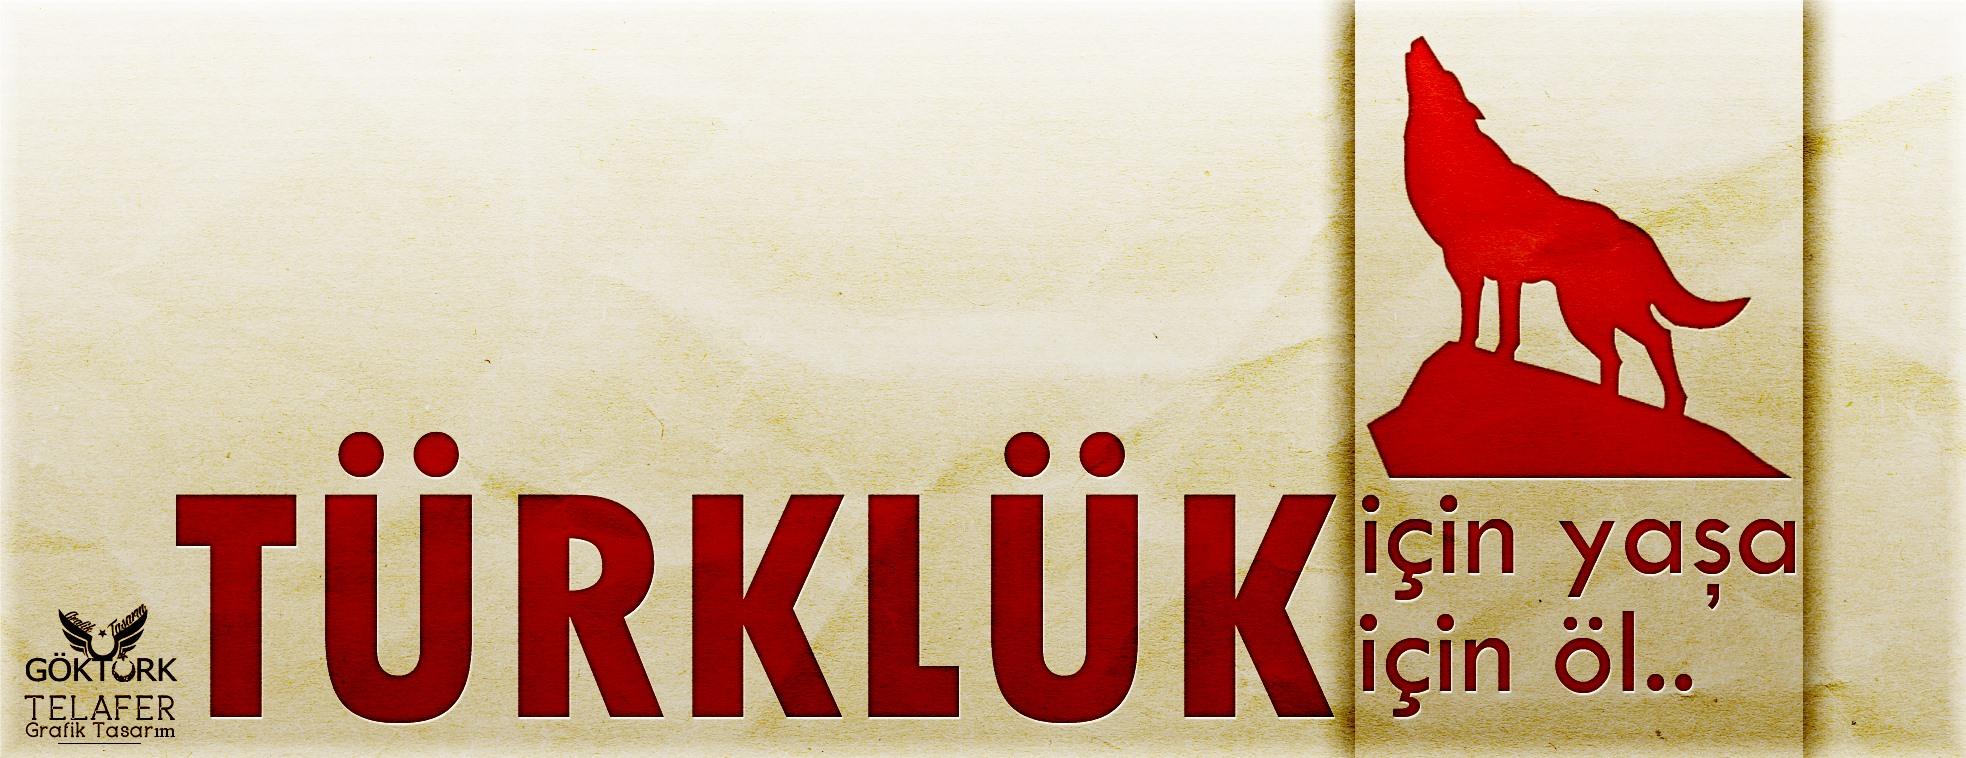 türklük için yaşa -kapak